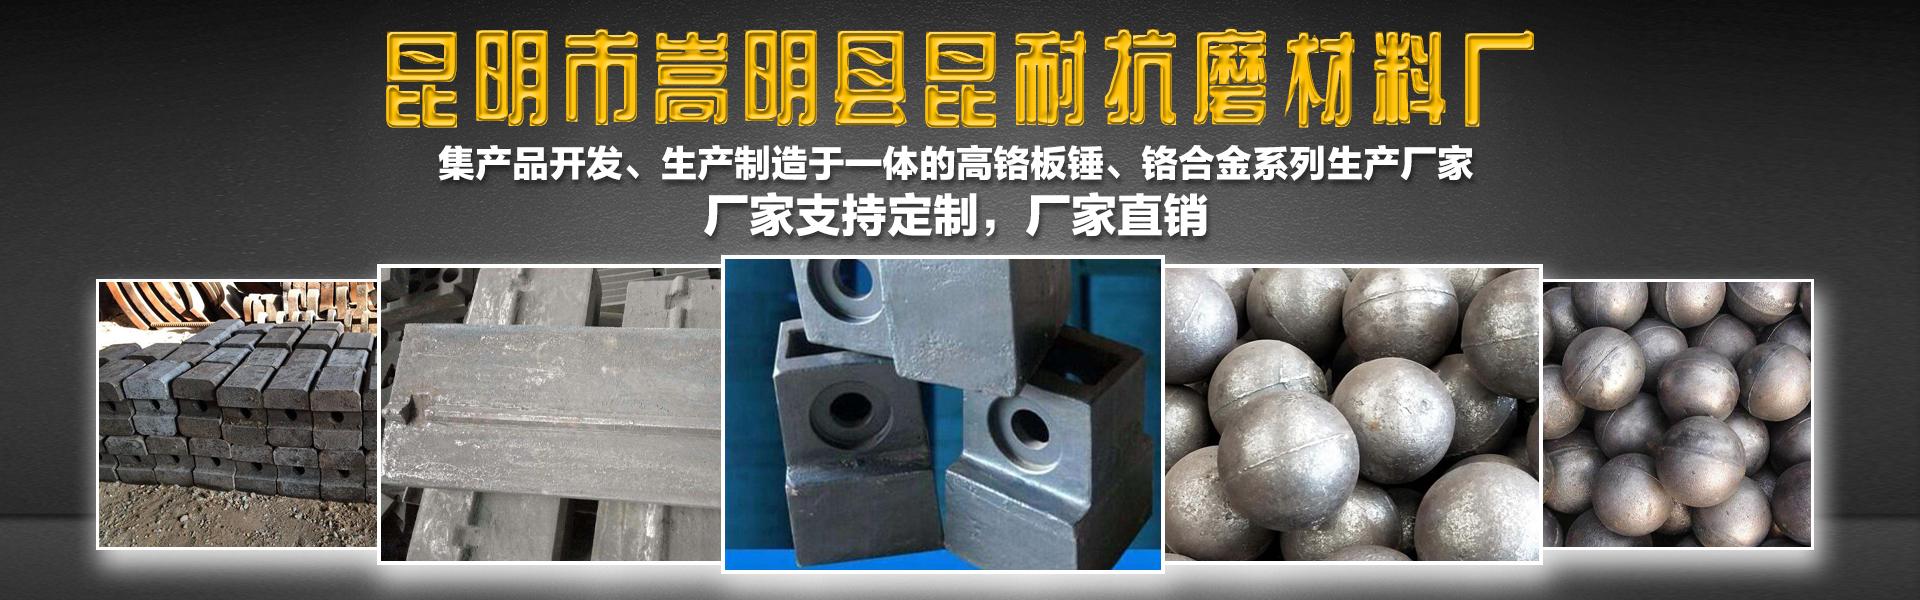 高铬板锤生产厂家